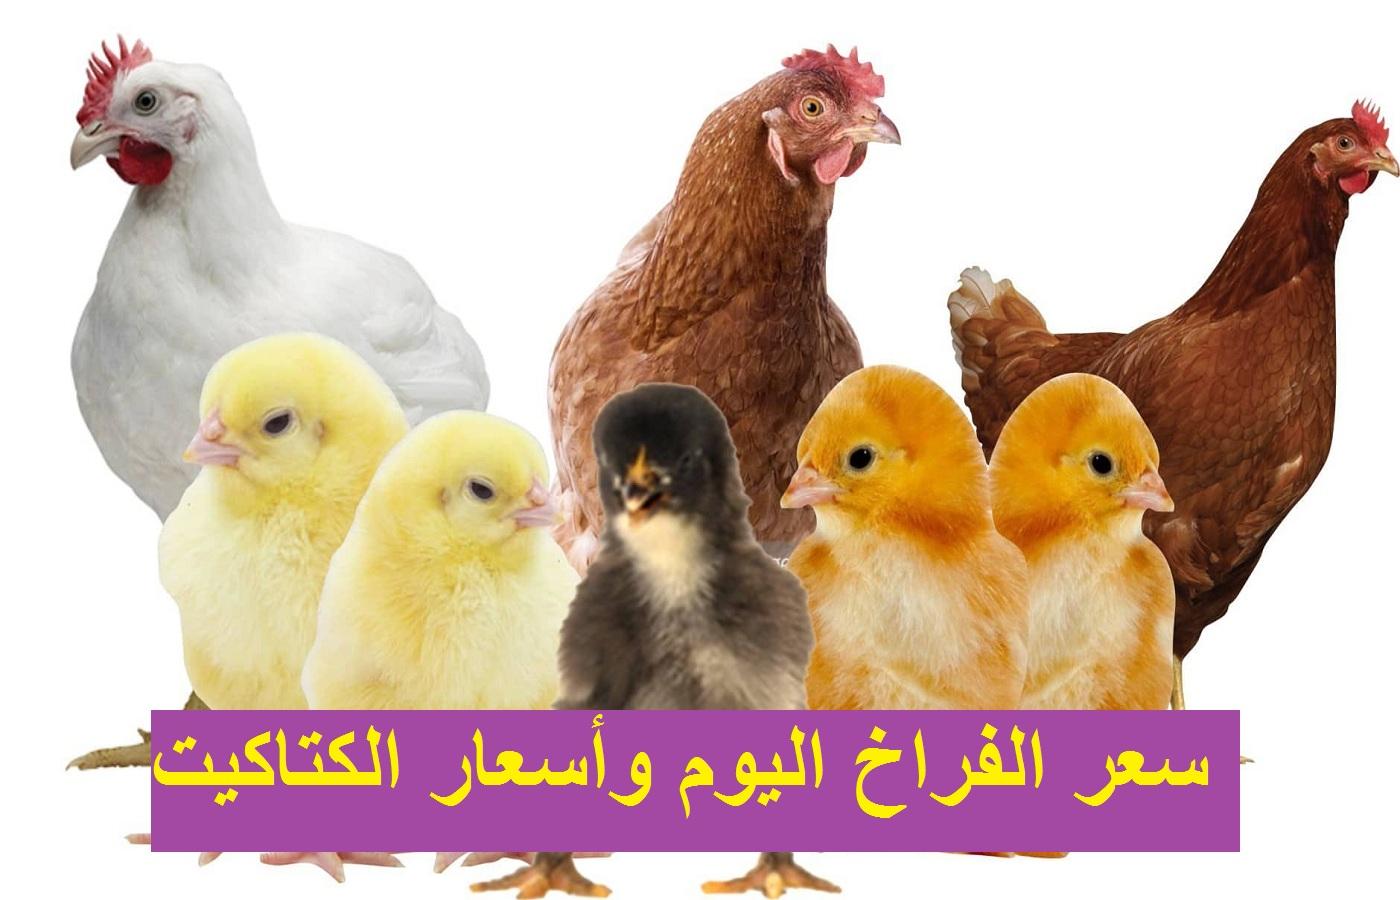 أسعار الدواجن.. ارتفاع سعر الفراخ اليوم الأحد 9 مايو وتأرجح كبير في سعر الكتكوت الابيض في بورصة الدواجن 4